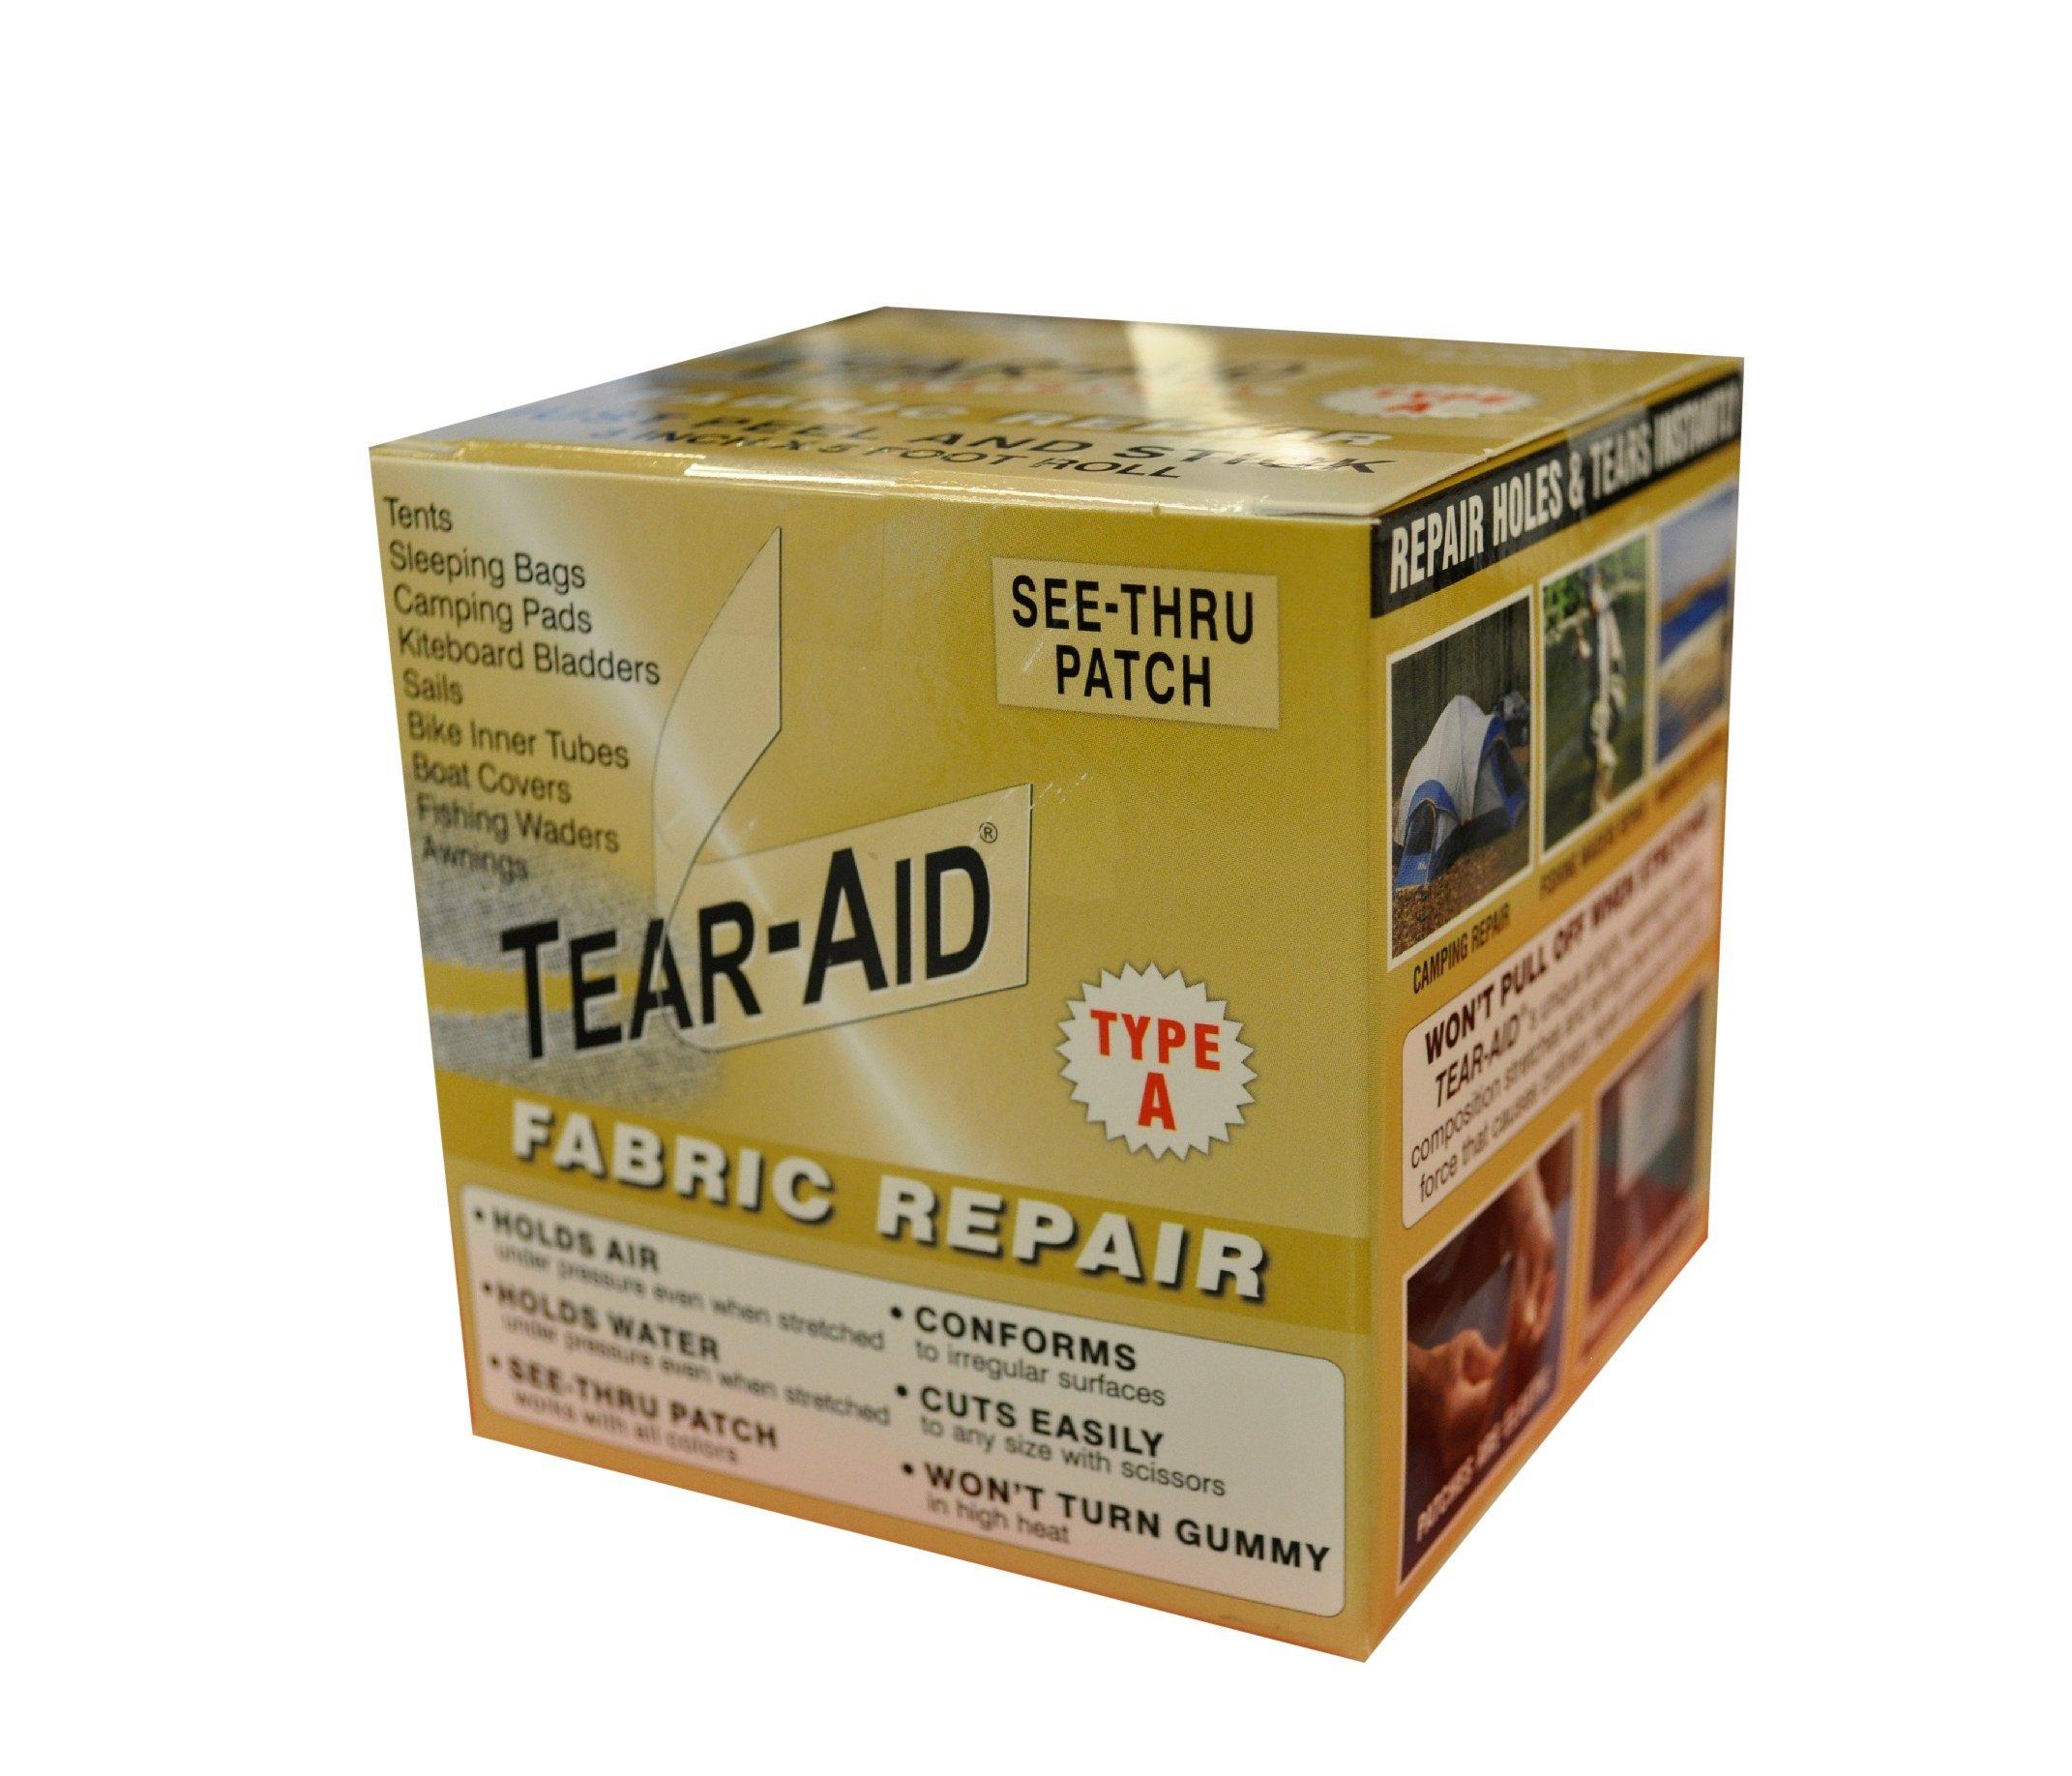 Tear-Aid Fabric Repair Kit, 3 in x 5 ft Roll, Type A by Tear-Aid Repair